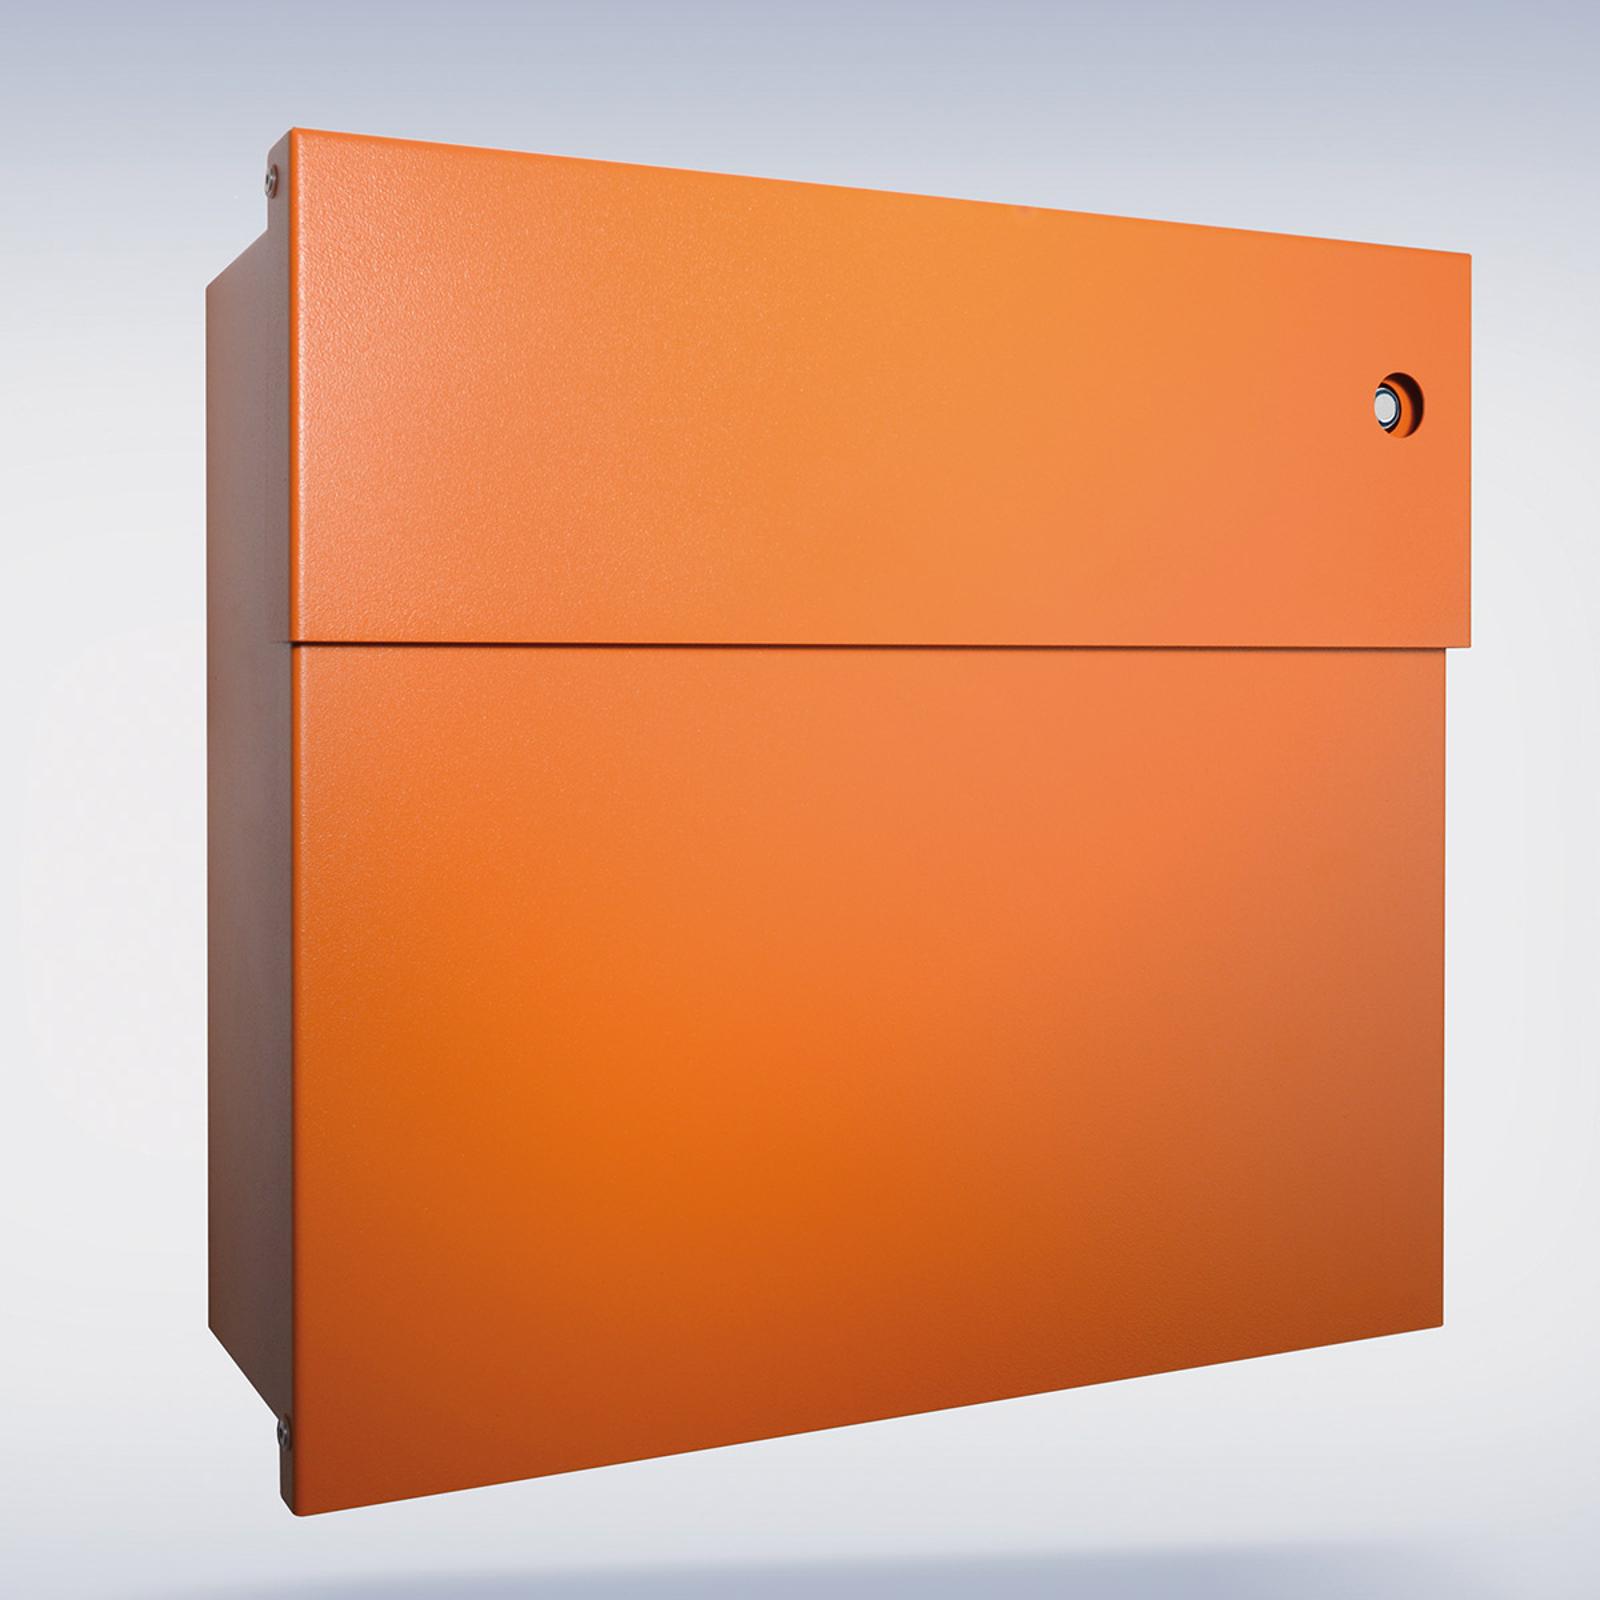 Briefkasten Letterman IV, blaue Klingel, orange